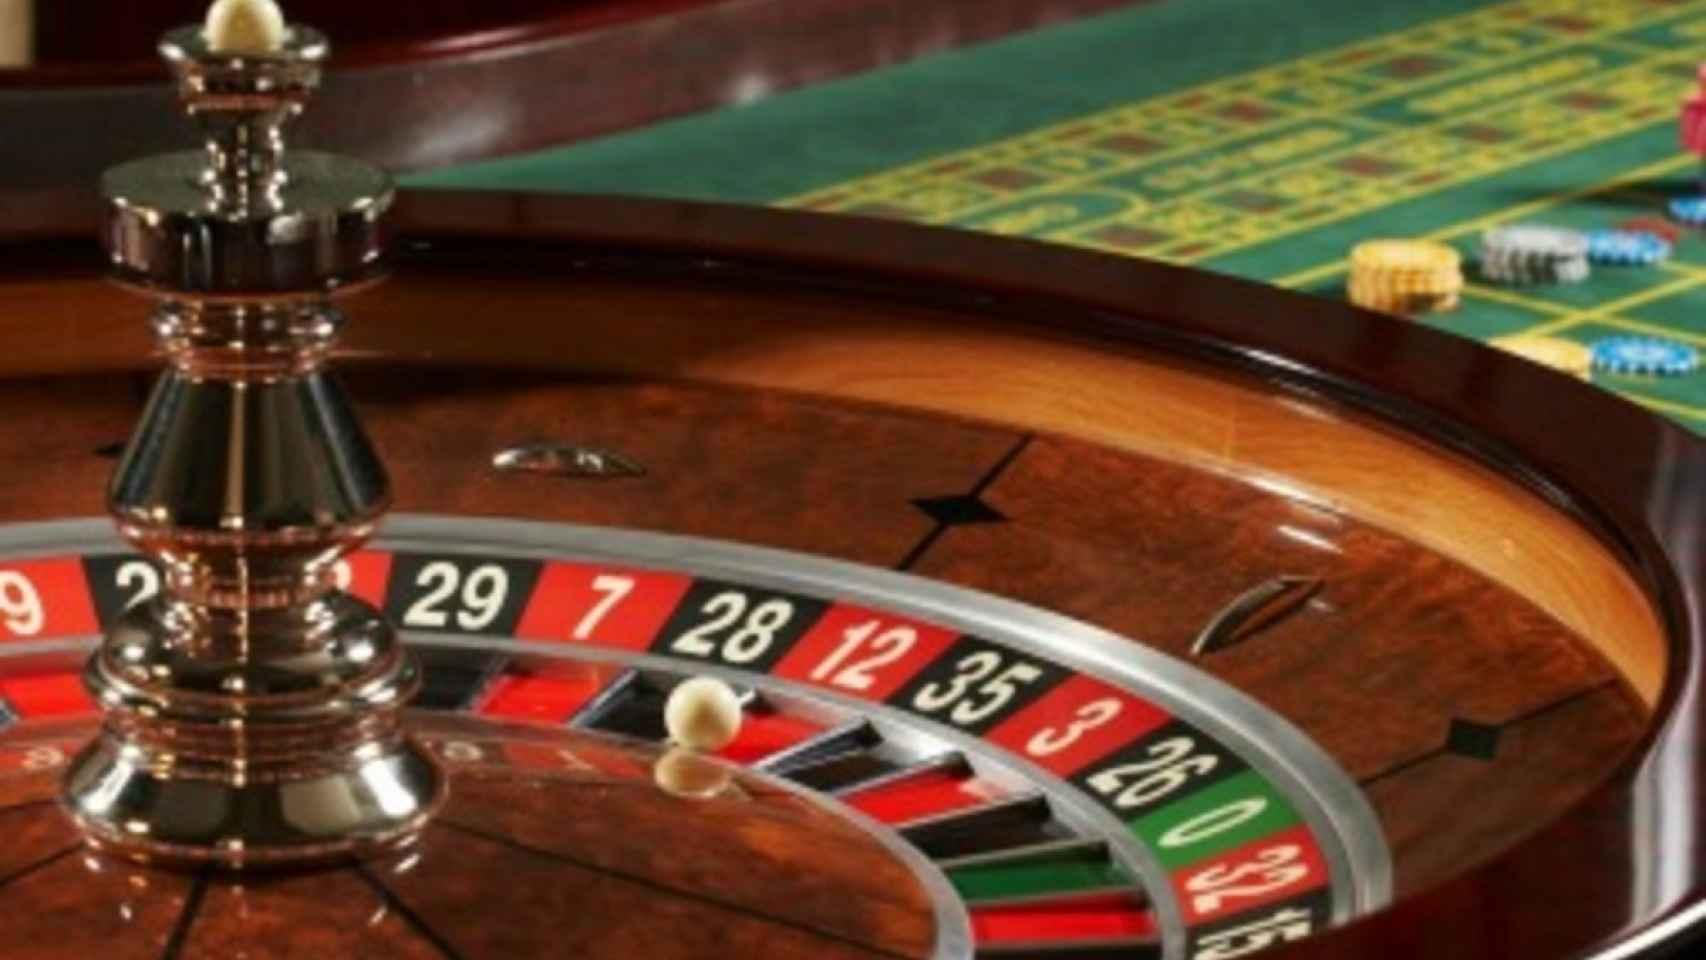 Ruleta de juego en una sala de apuestas.